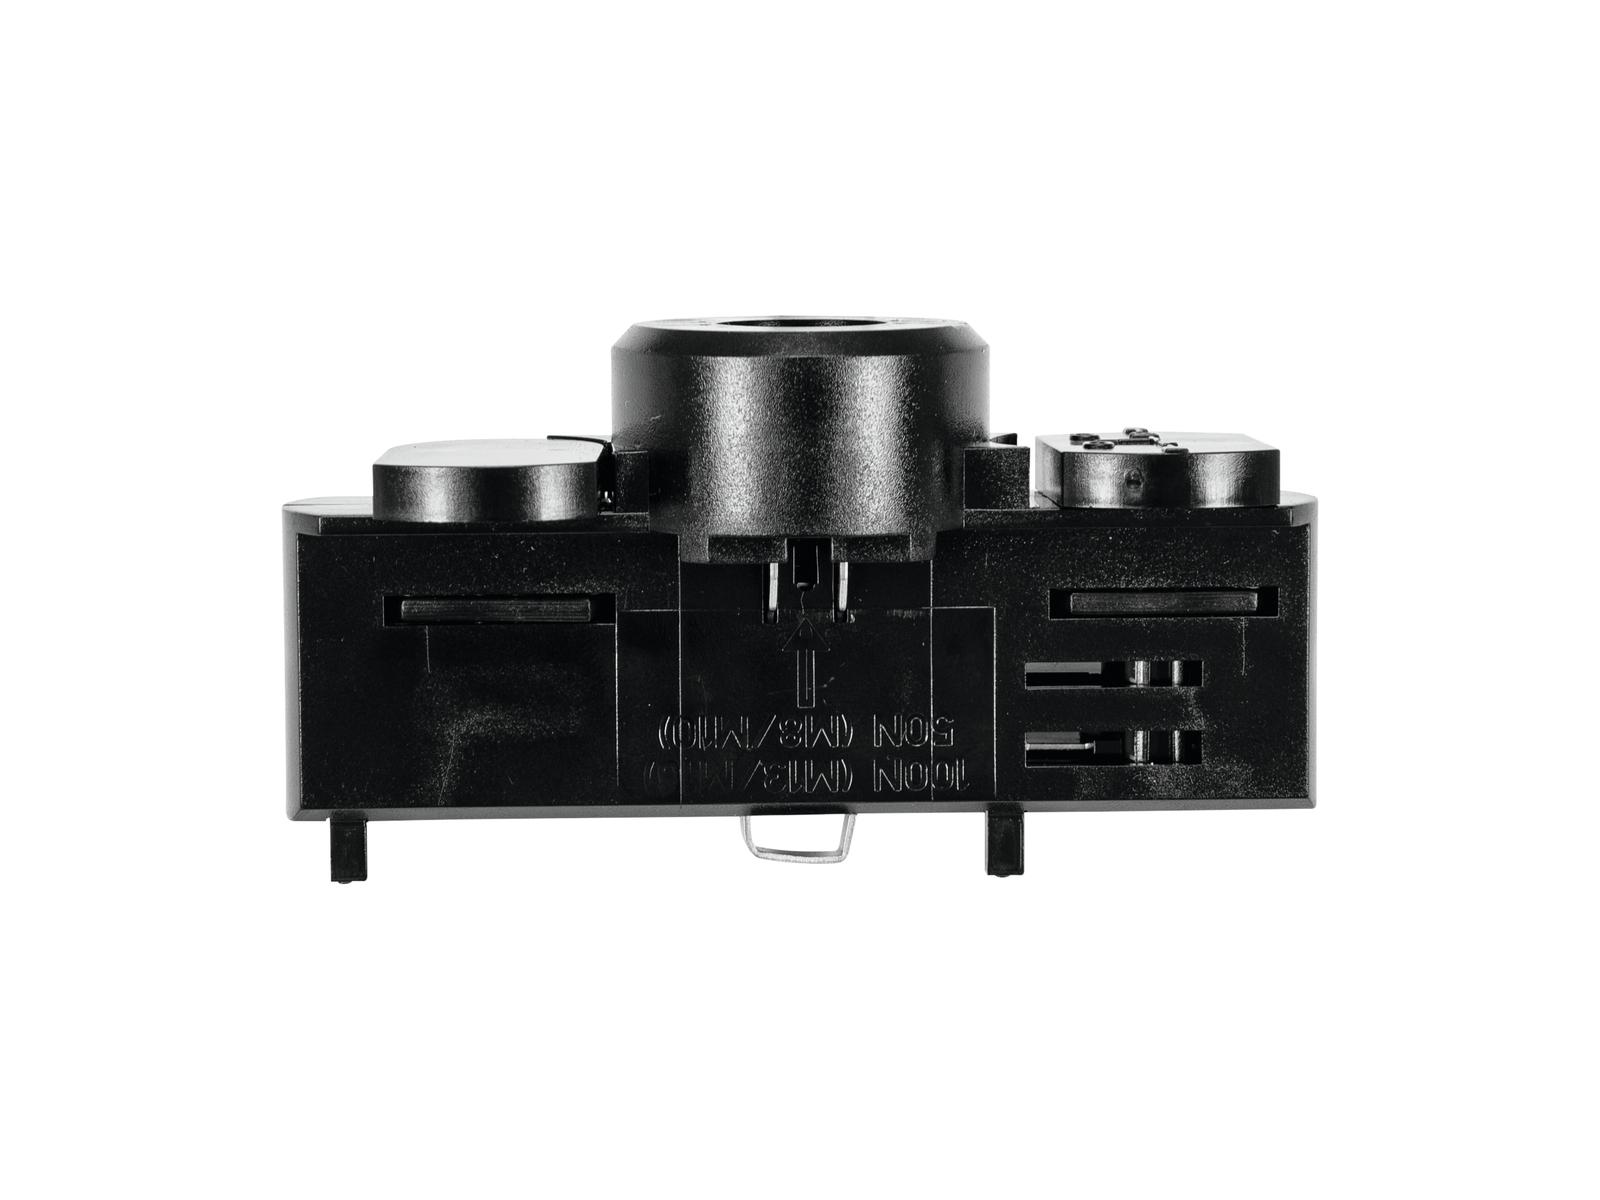 EUTRAC Multi adattatore, 3 fasi, nero